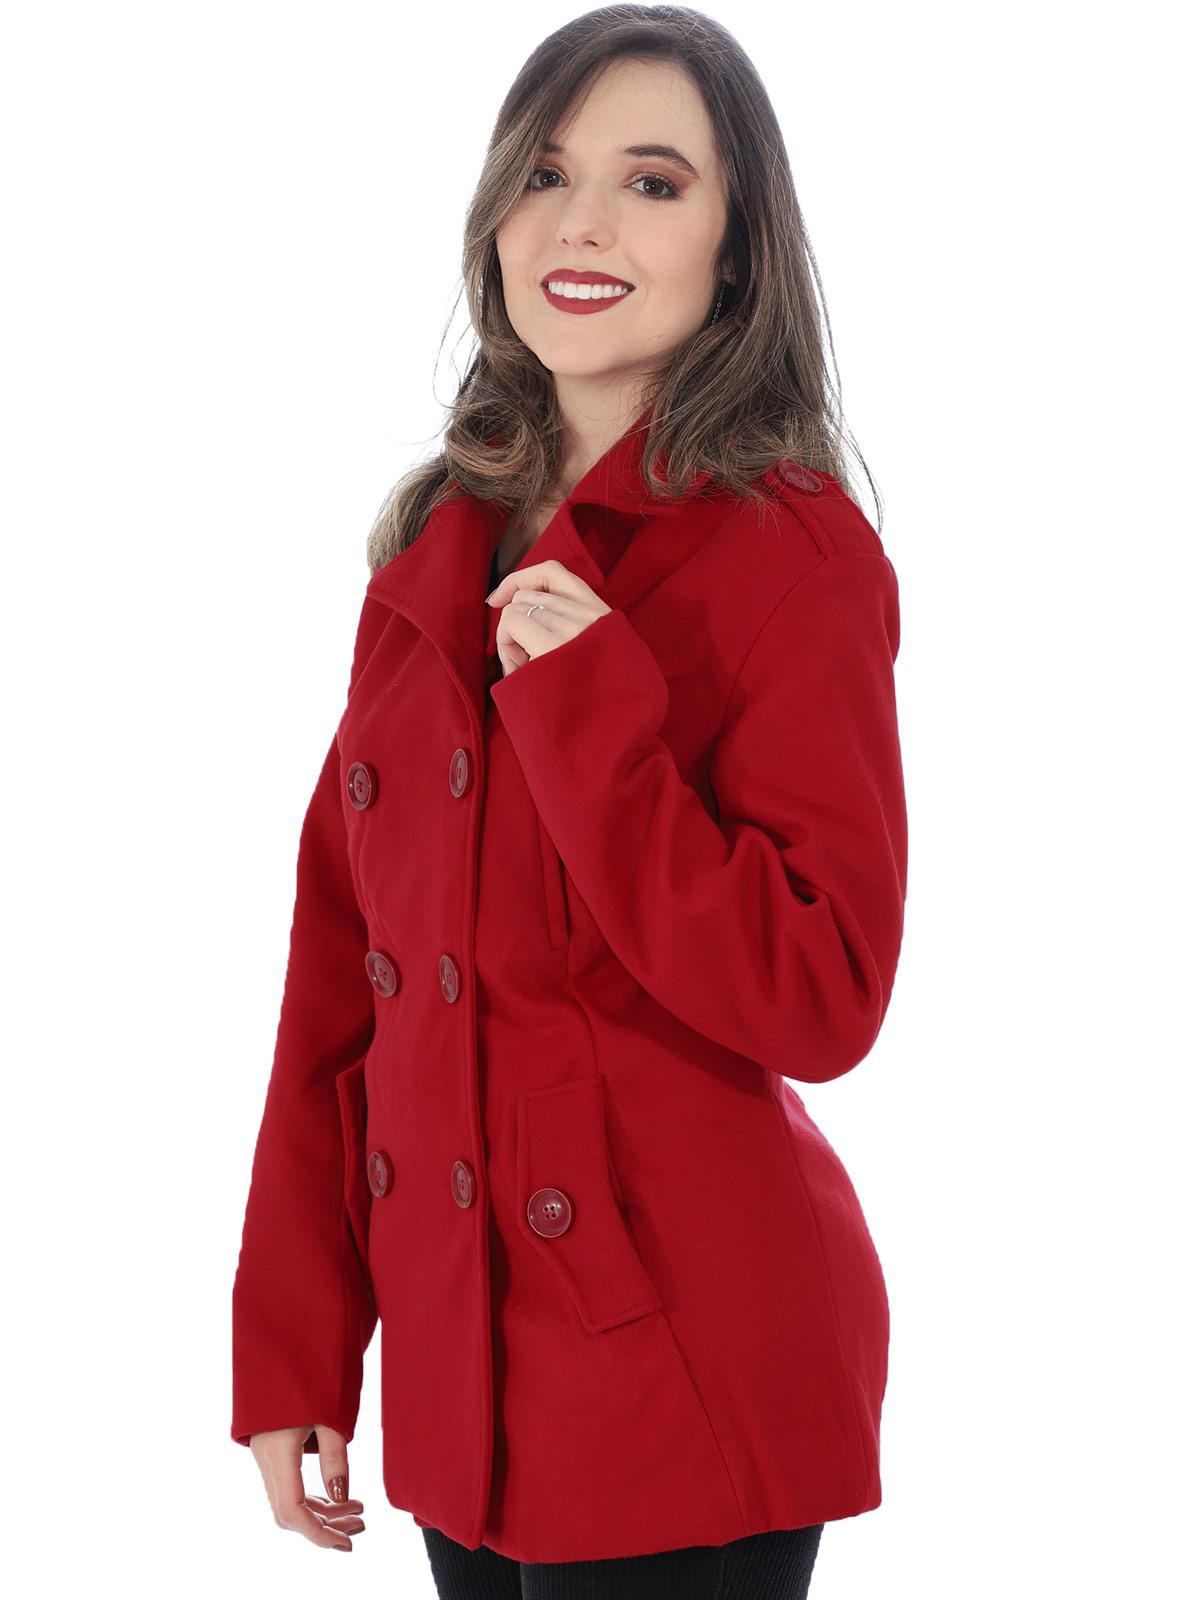 Casaco Feminino de Lã Batida Com Bolso e Botões Vermelho